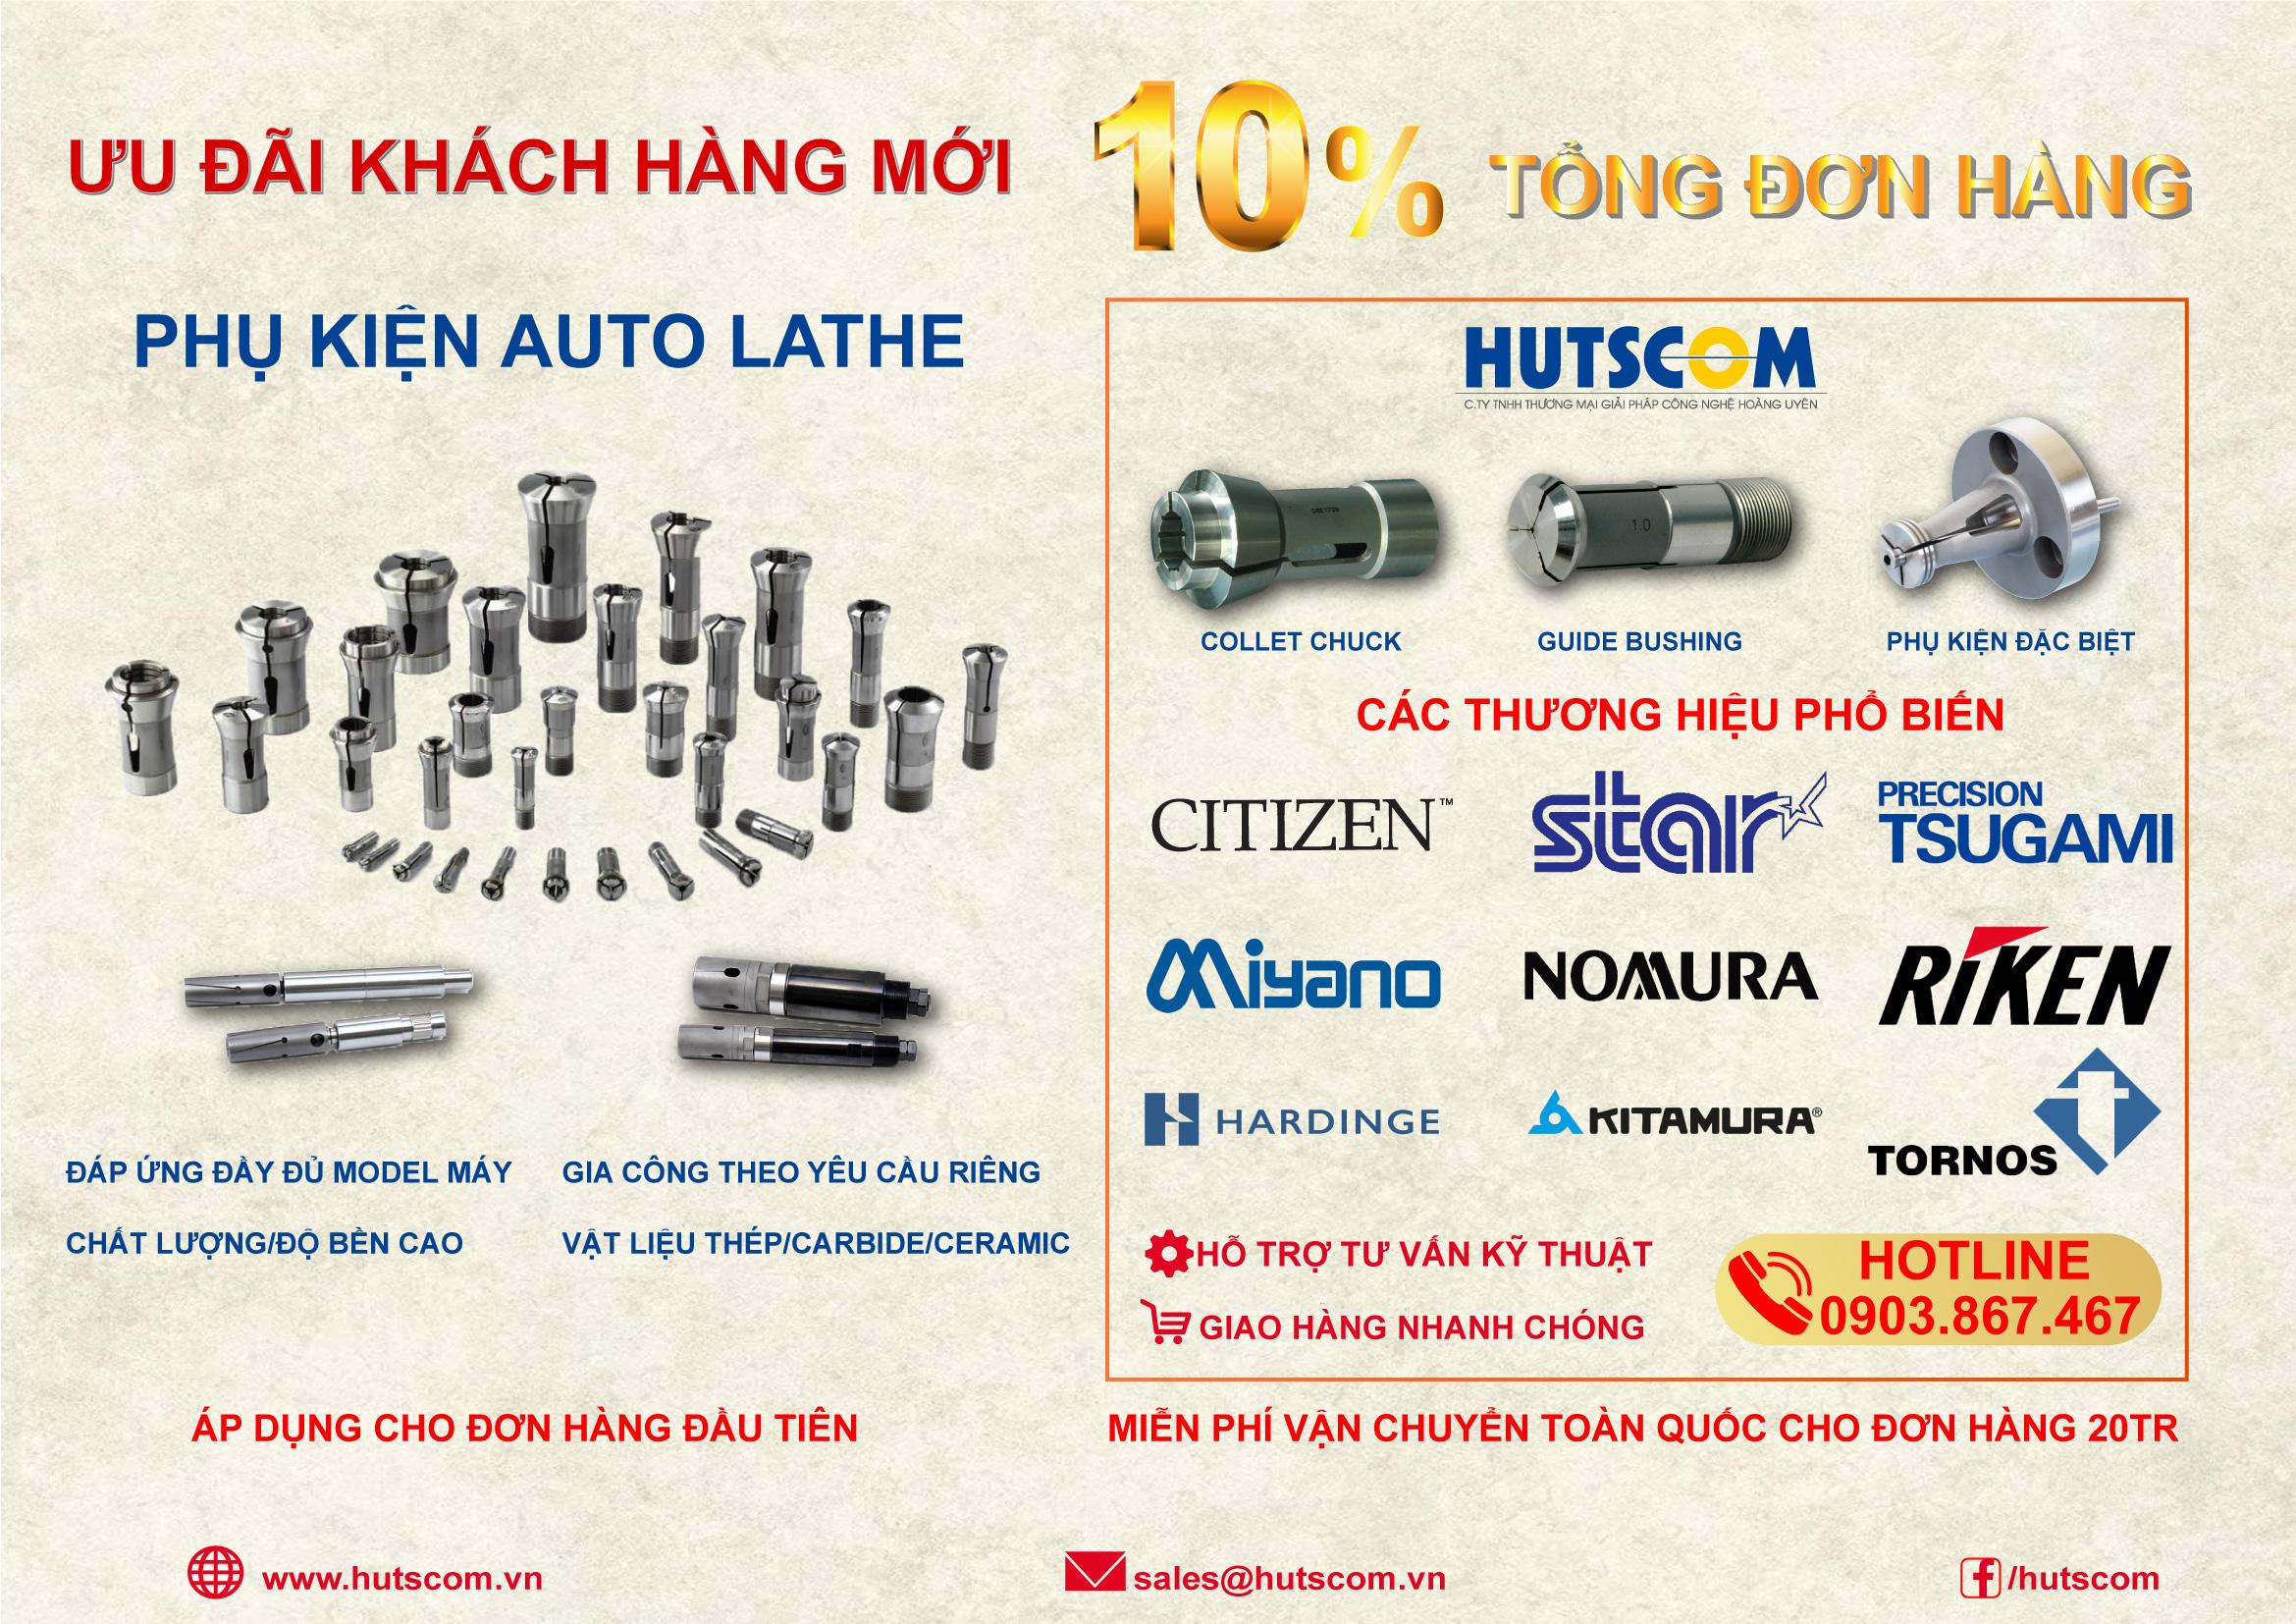 Ưu đãi giảm giá khi mua phụ kiện Auto Lathe